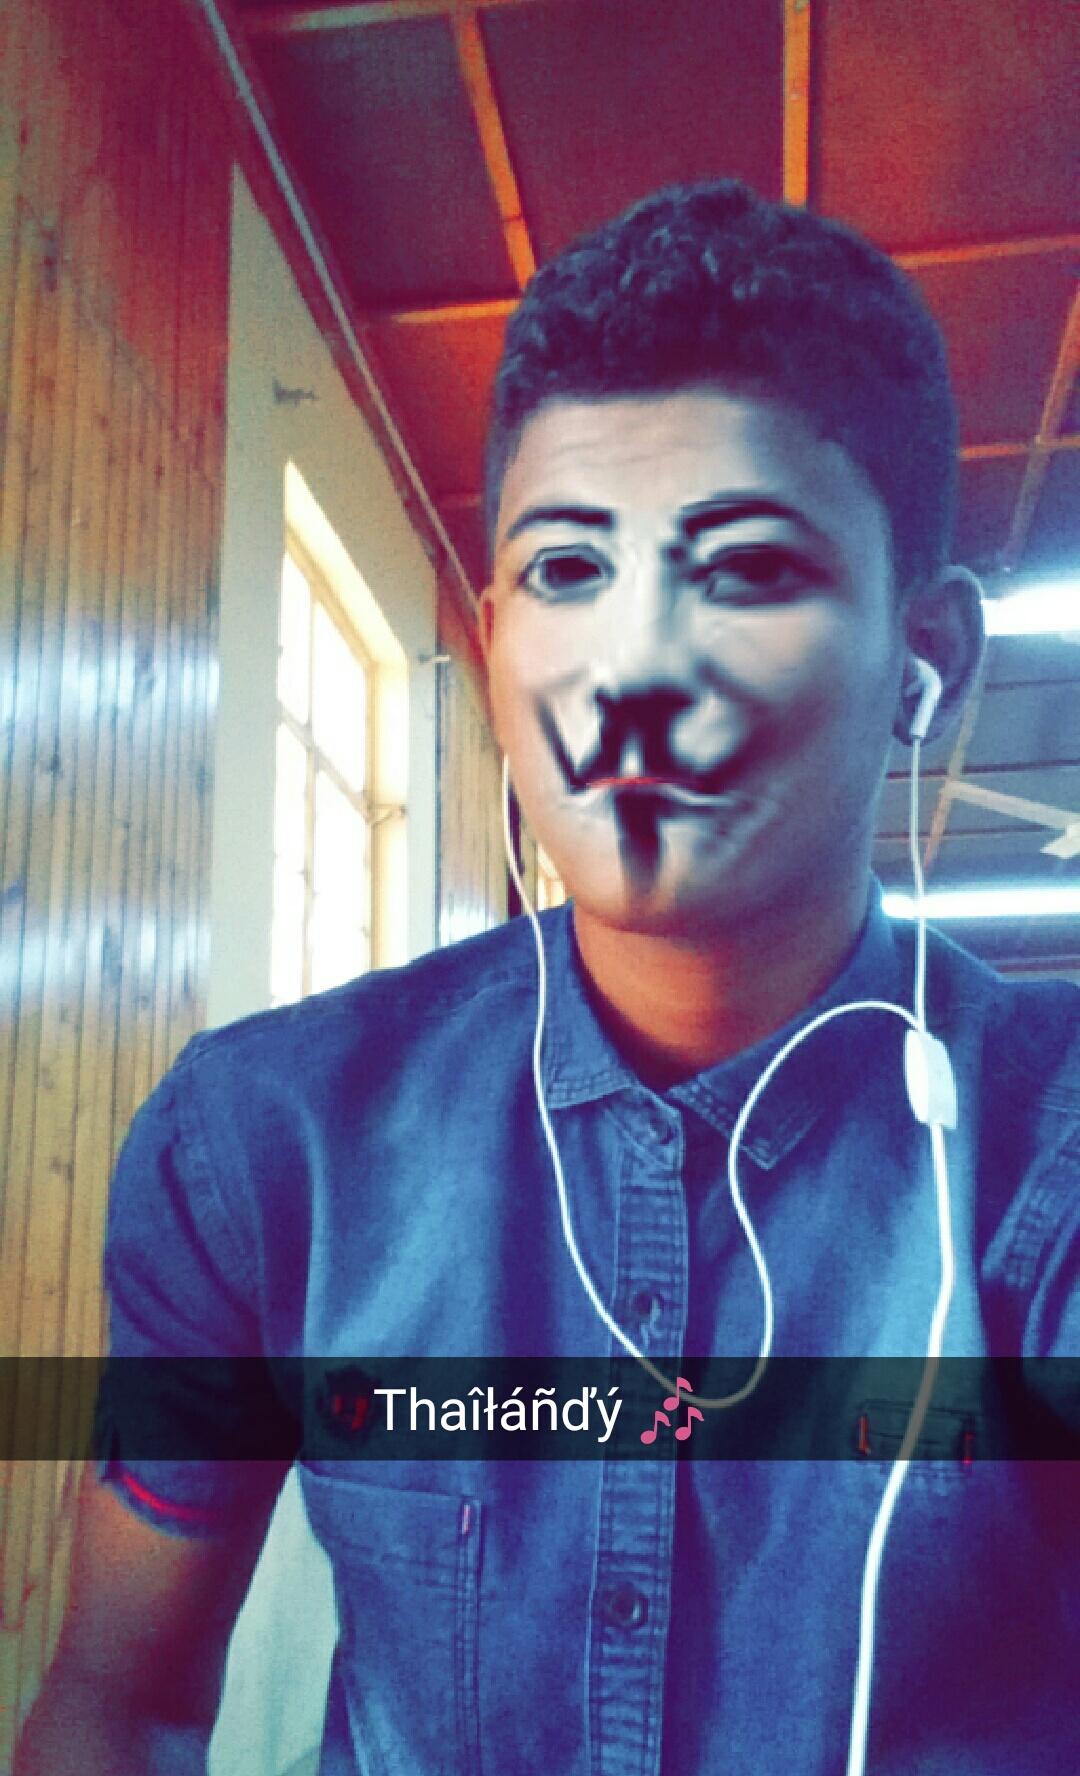 Thailandy98